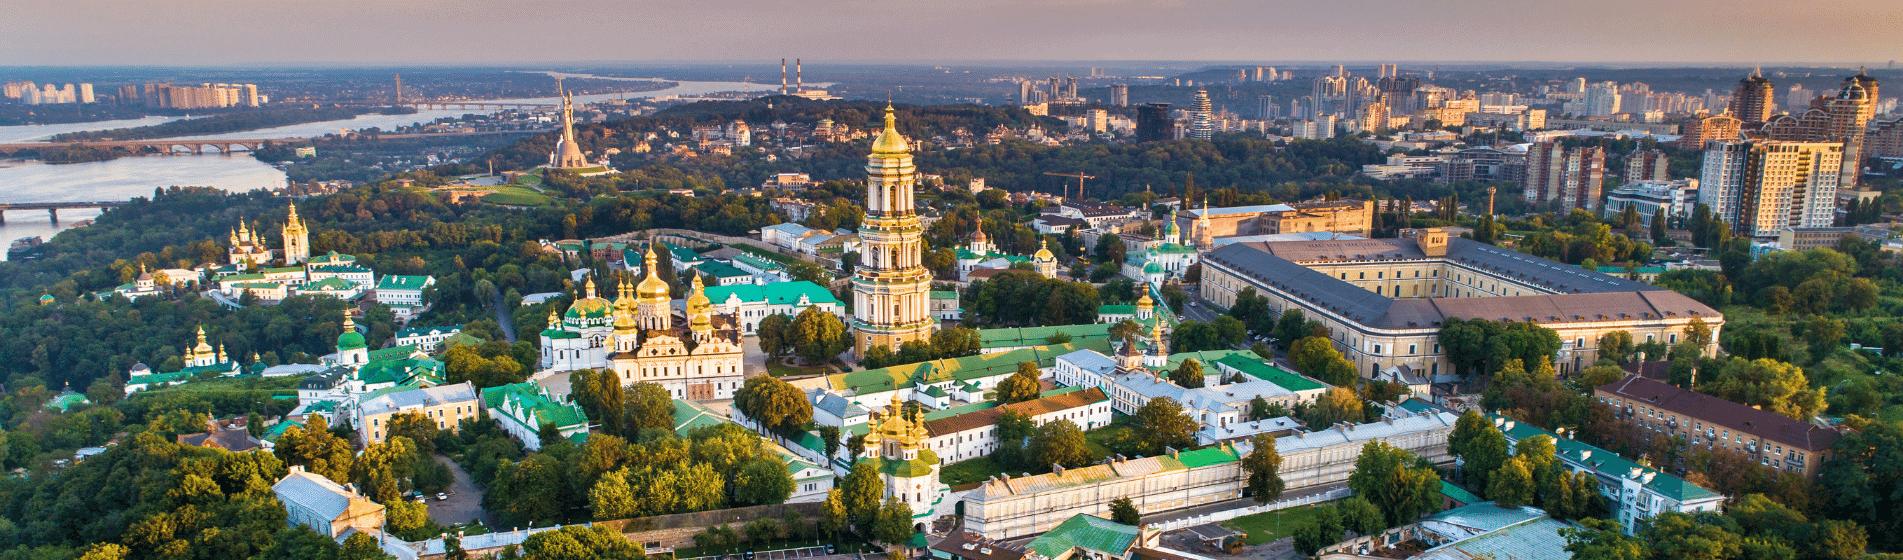 How to Obtain Ukrainian Citizenship By Descent